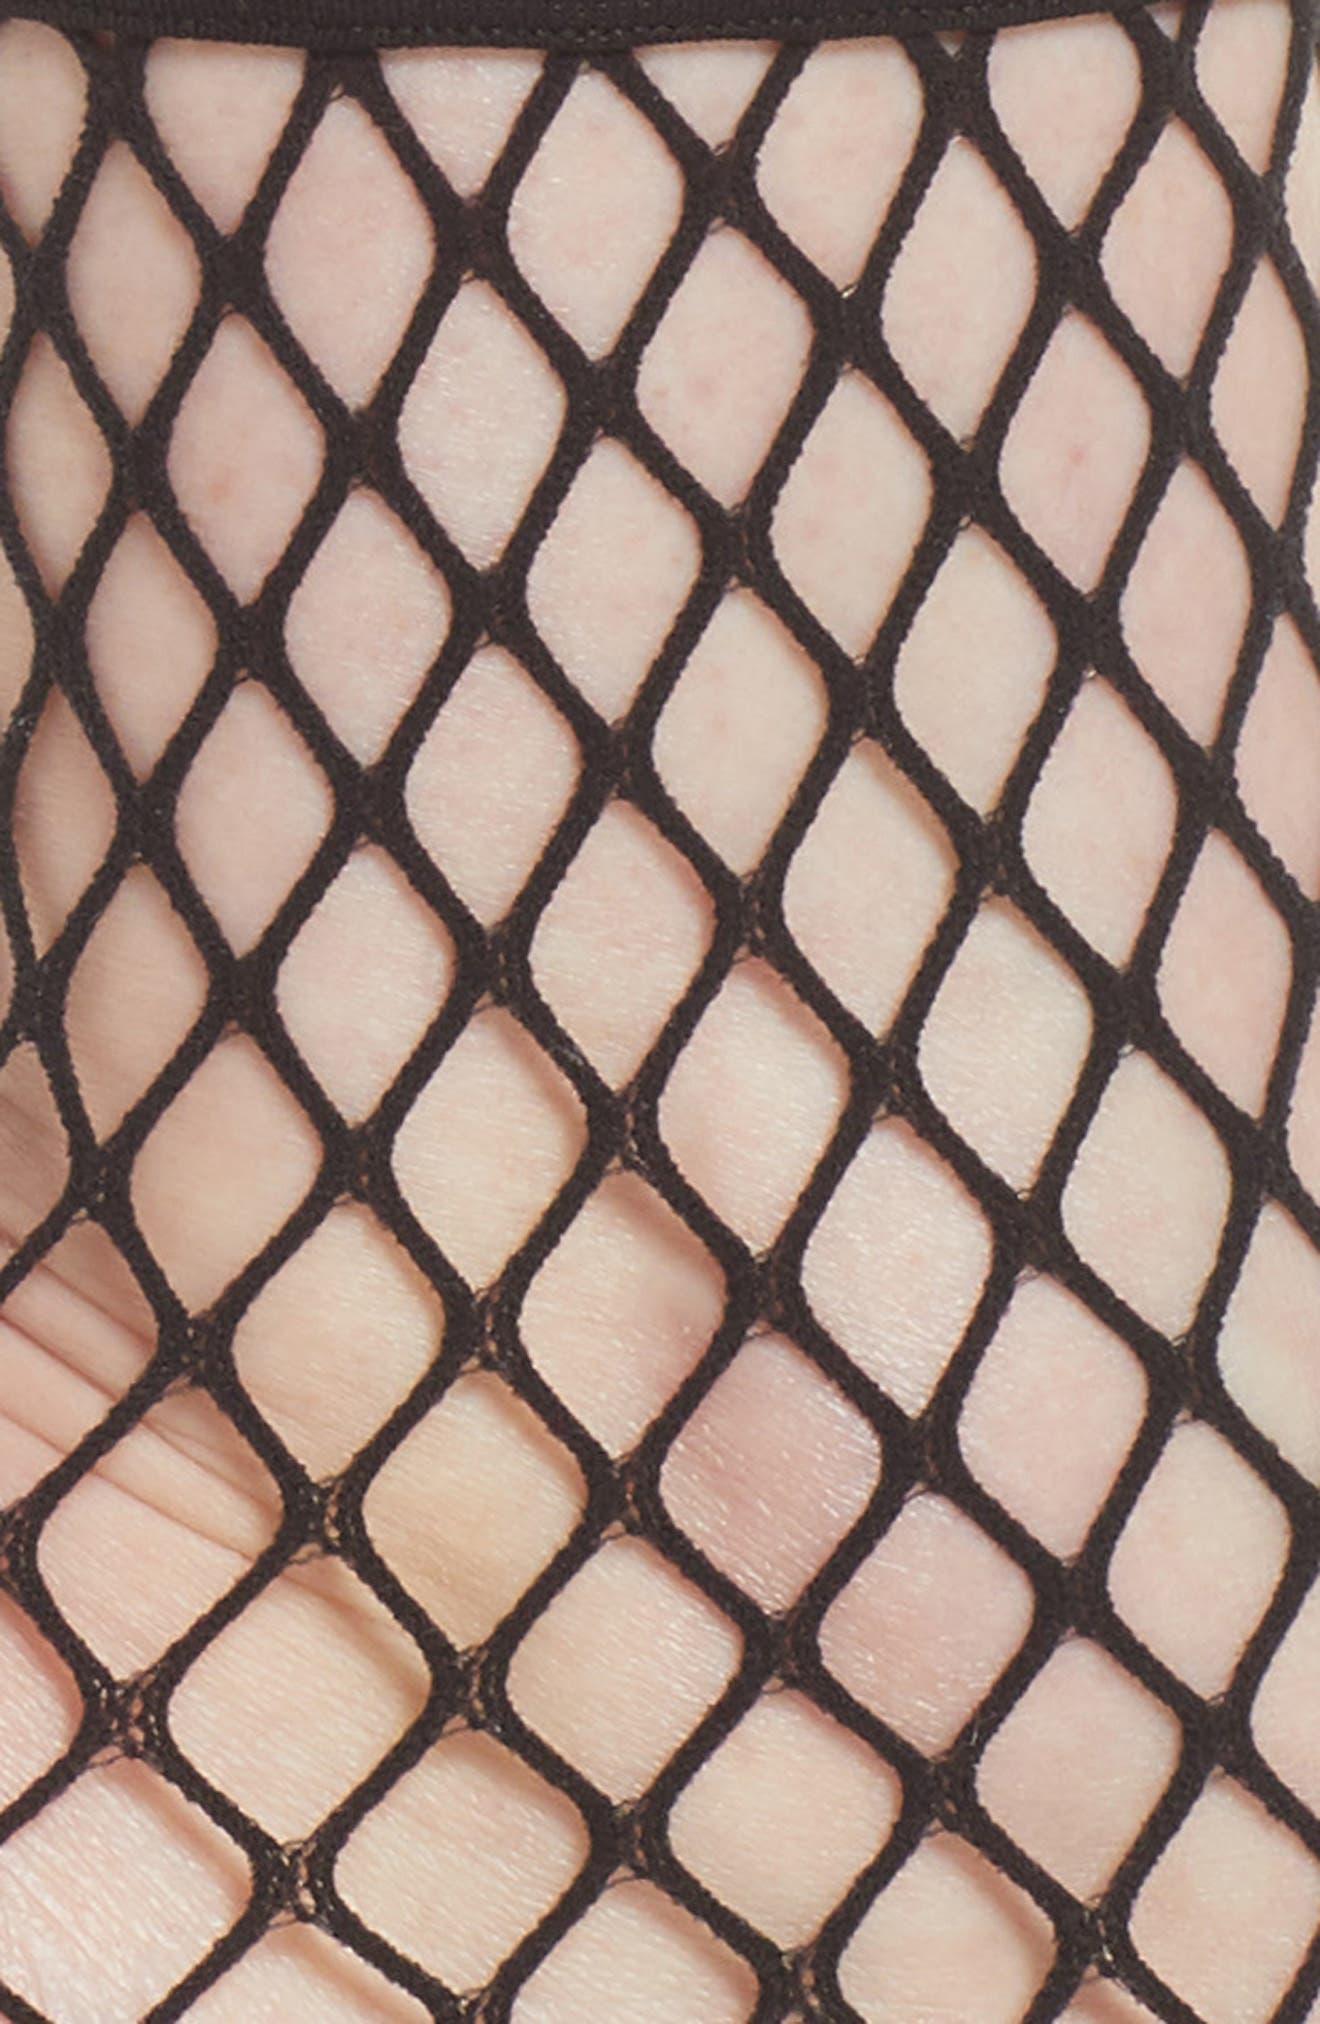 Tina Summer Net Ankle Socks,                             Alternate thumbnail 2, color,                             016